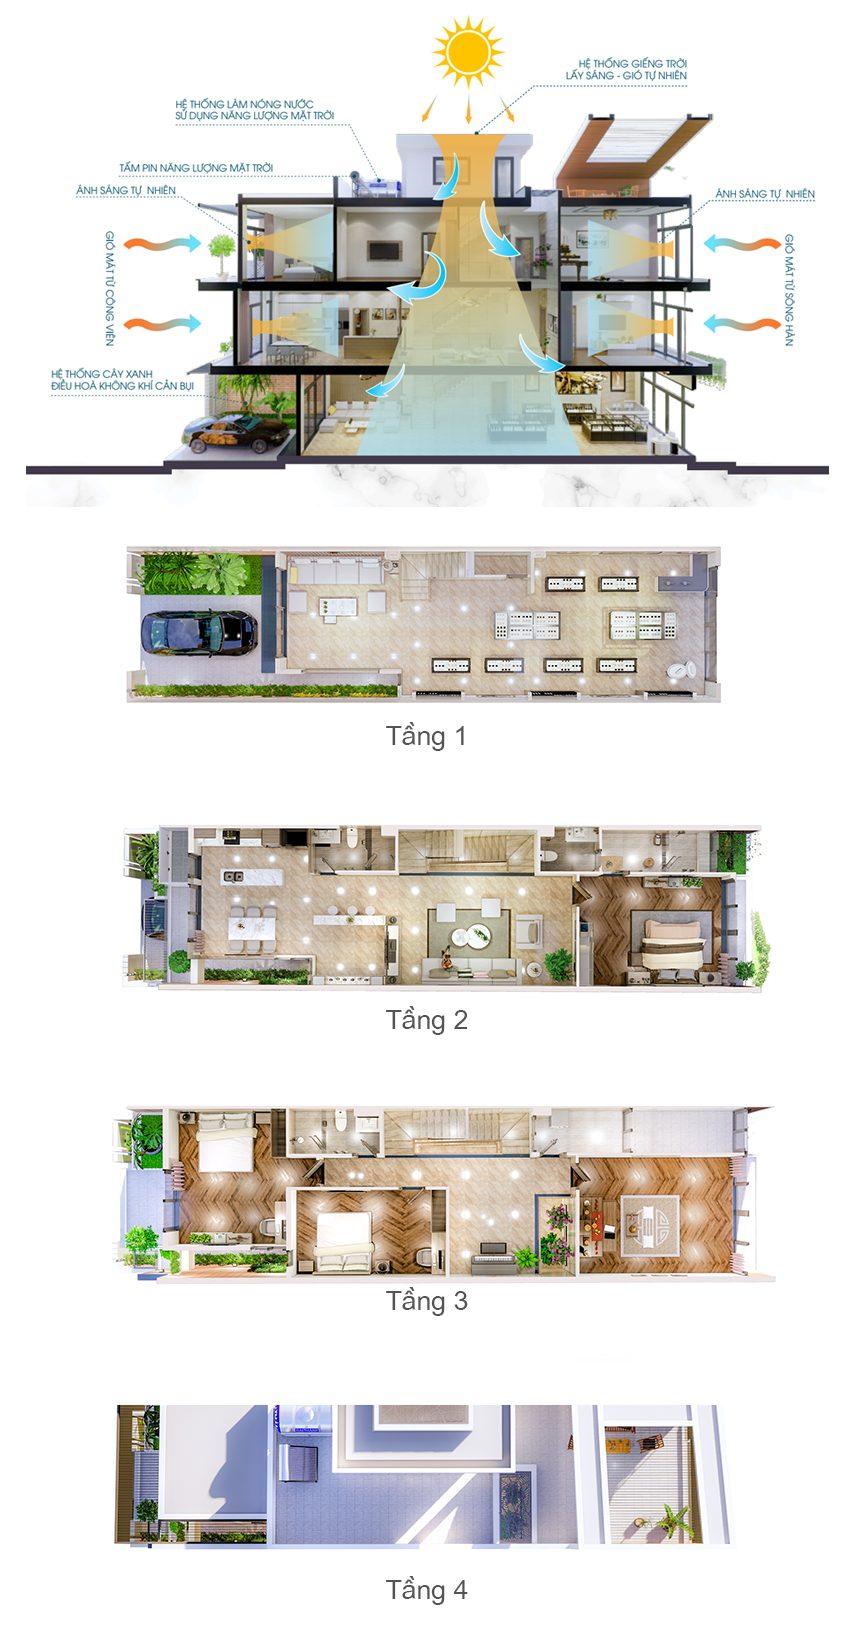 mat bang tang marina complex da nang